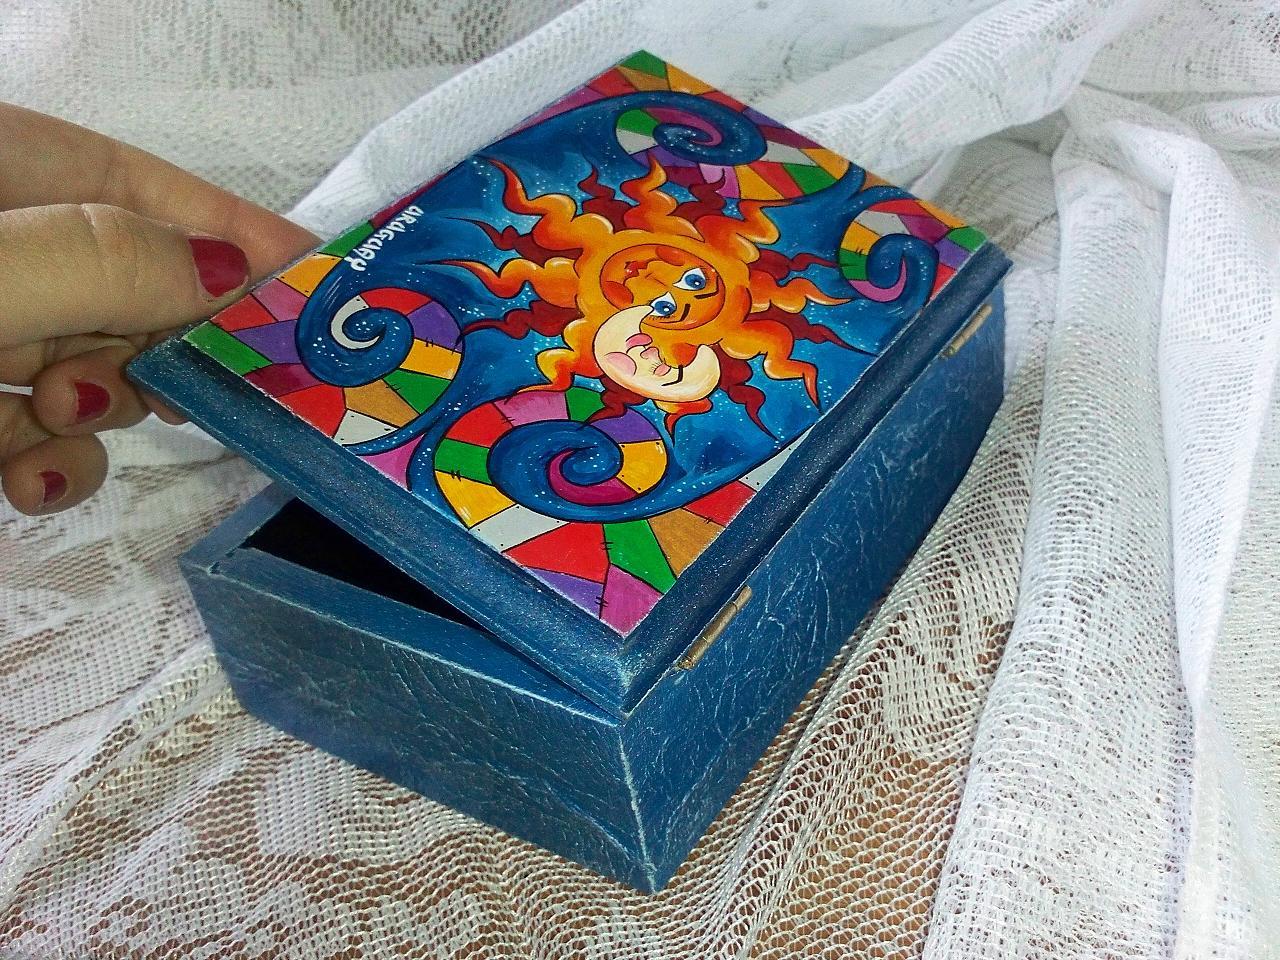 Yanibela dedales y m s uruguay caja de madera con - Dibujos para decorar cajas de madera ...